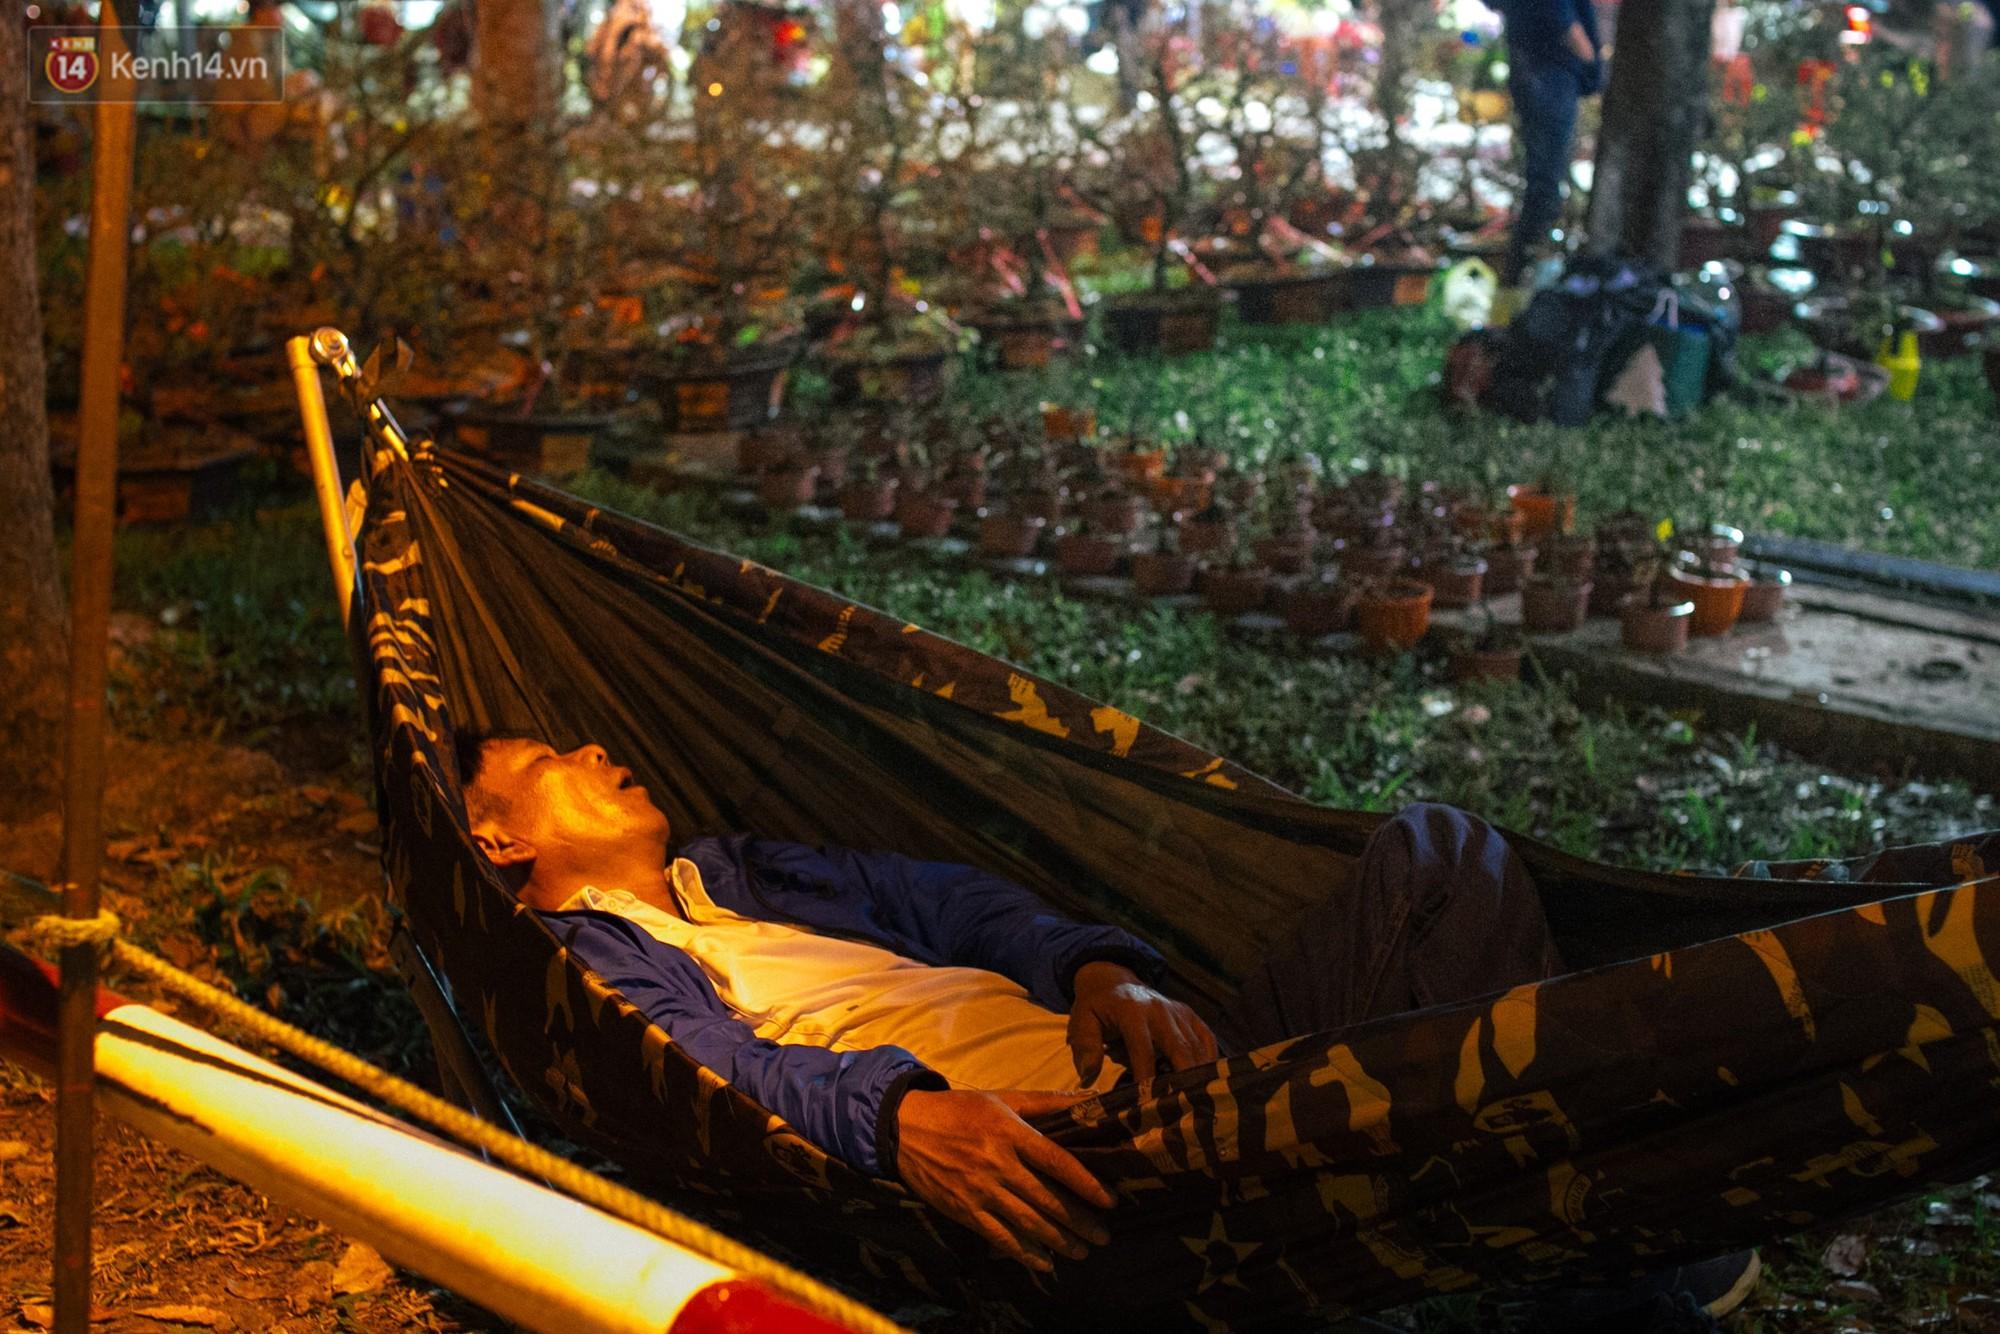 Chùm ảnh: Sợ mất trộm, nhiều gia đình tiểu thương dựng lều mắc võng, thay phiên nhau thức đêm để canh hoa Tết - Ảnh 14.